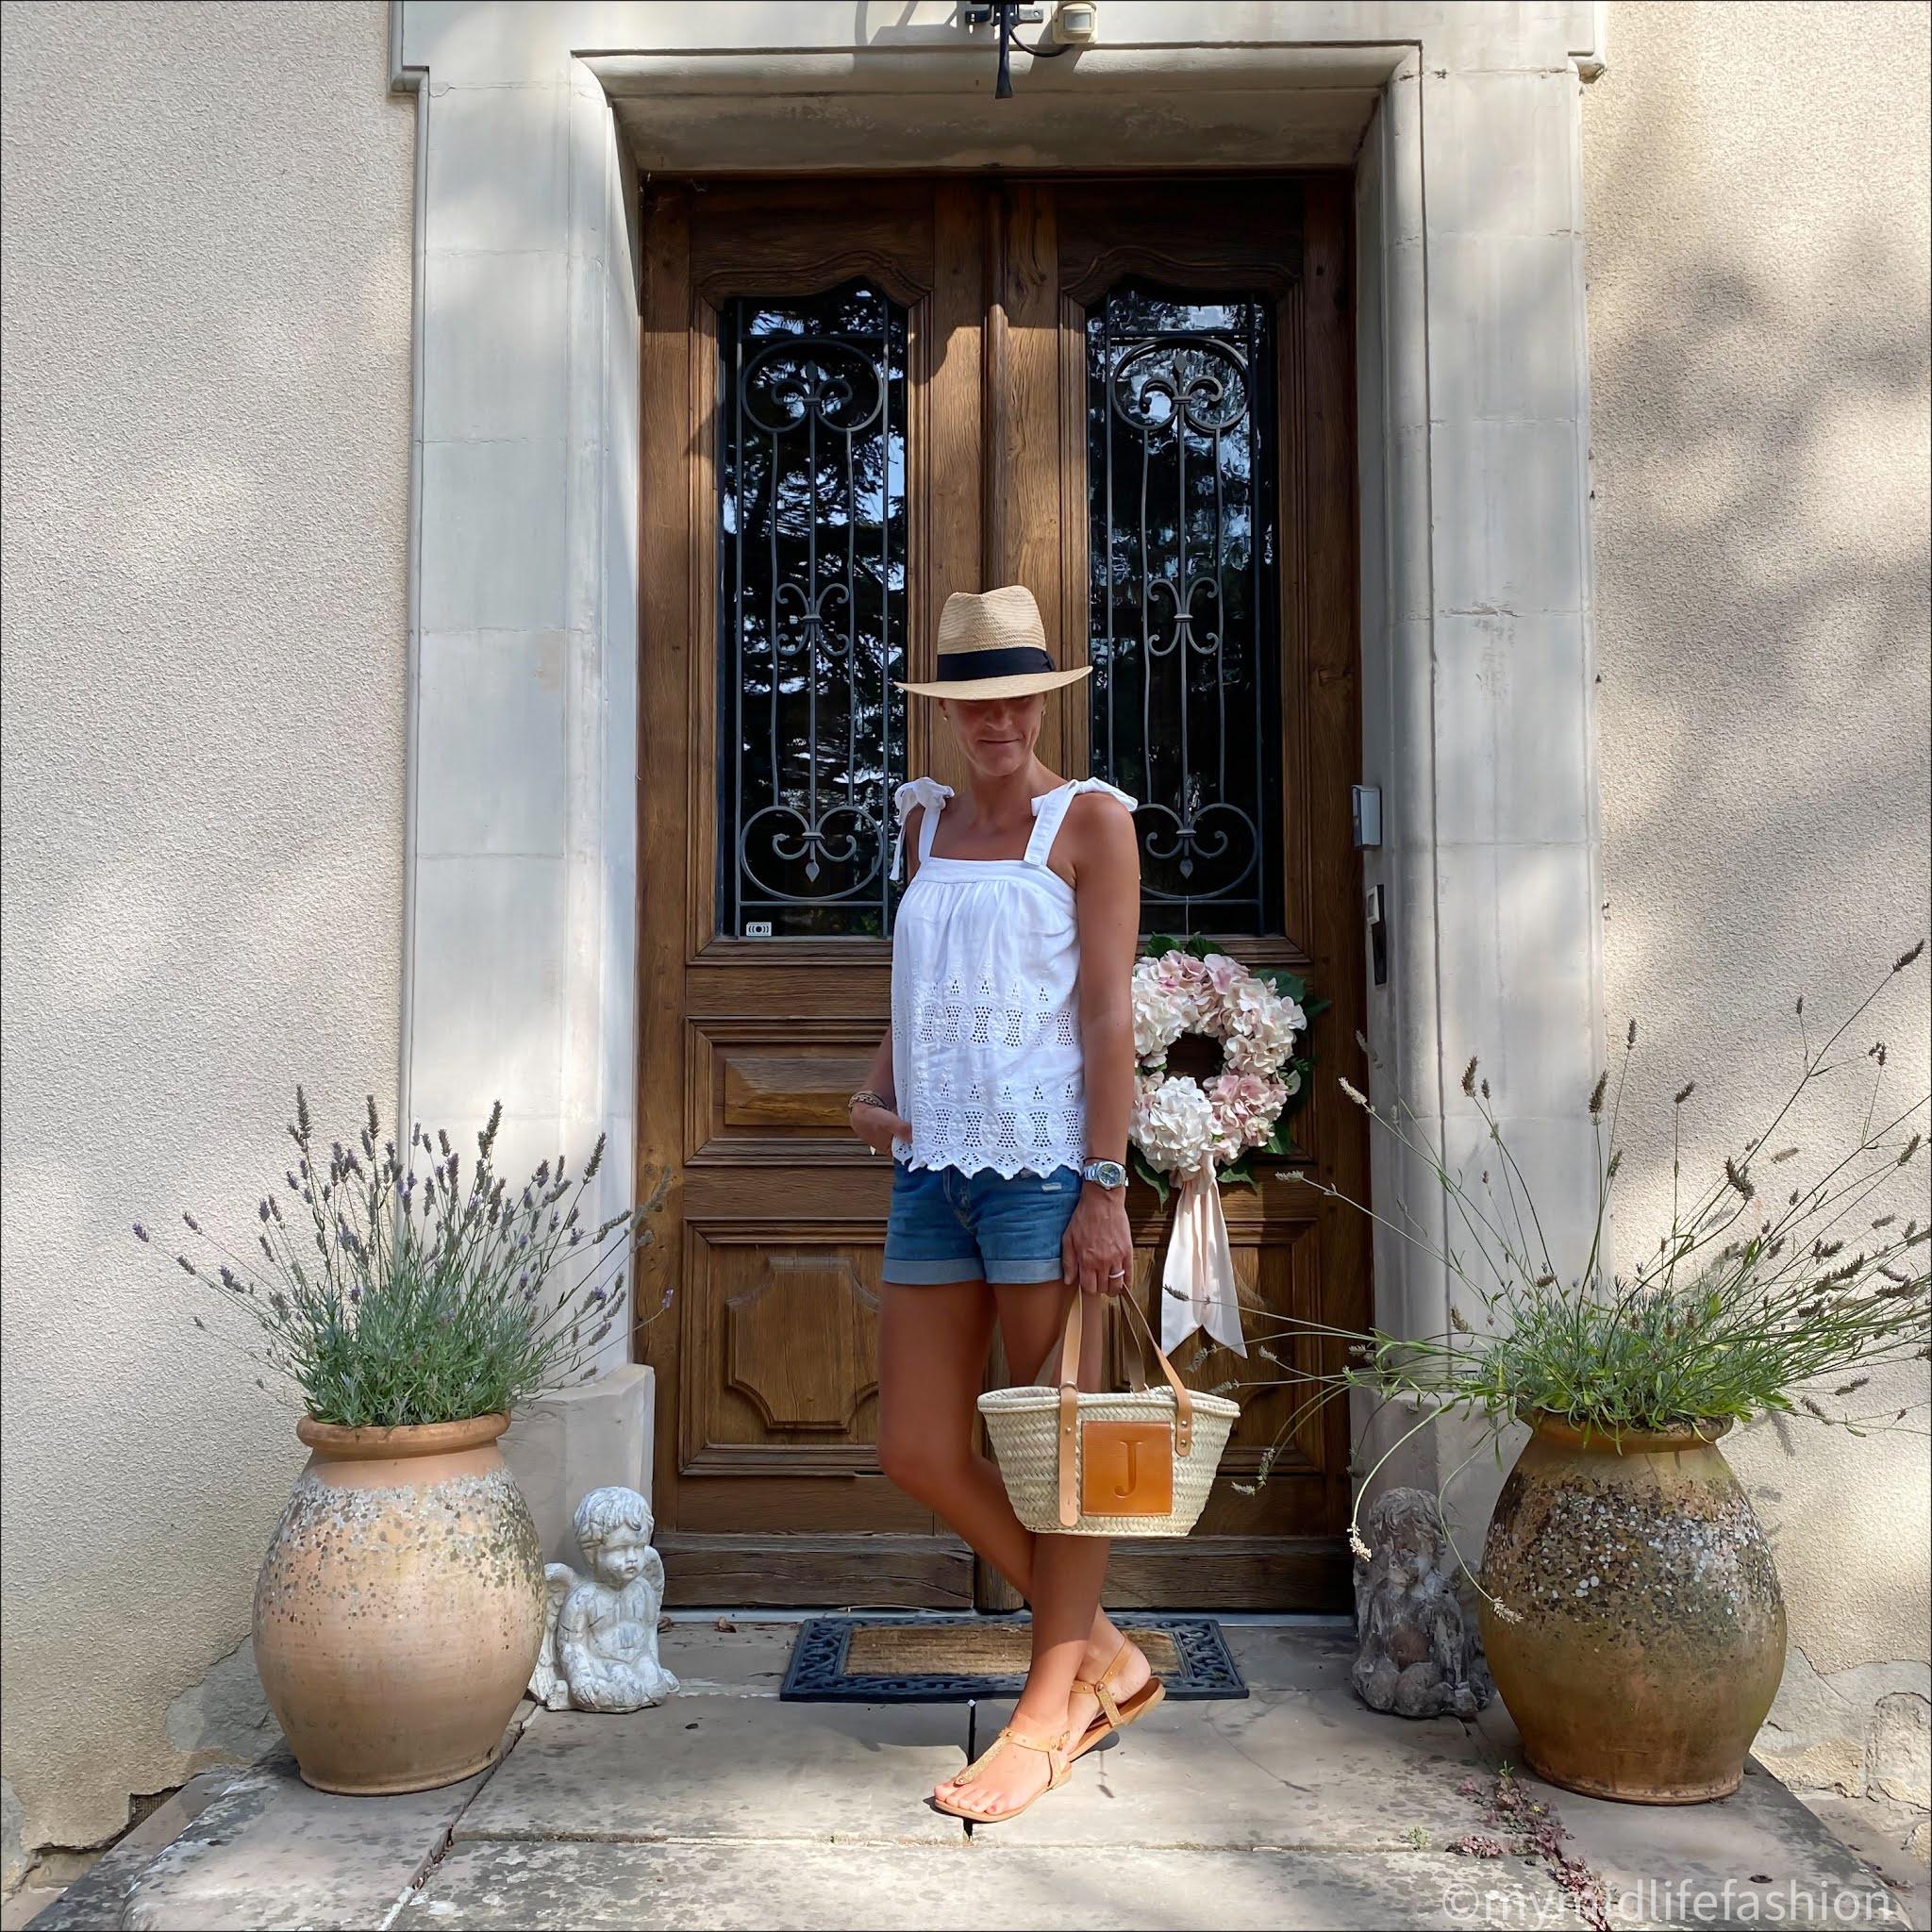 my midlife fashion, zara Panama hat, monsoon embroidery anglaise camisole, h & m denim shorts, lada jewelry basket, Carvela leather thong sandals